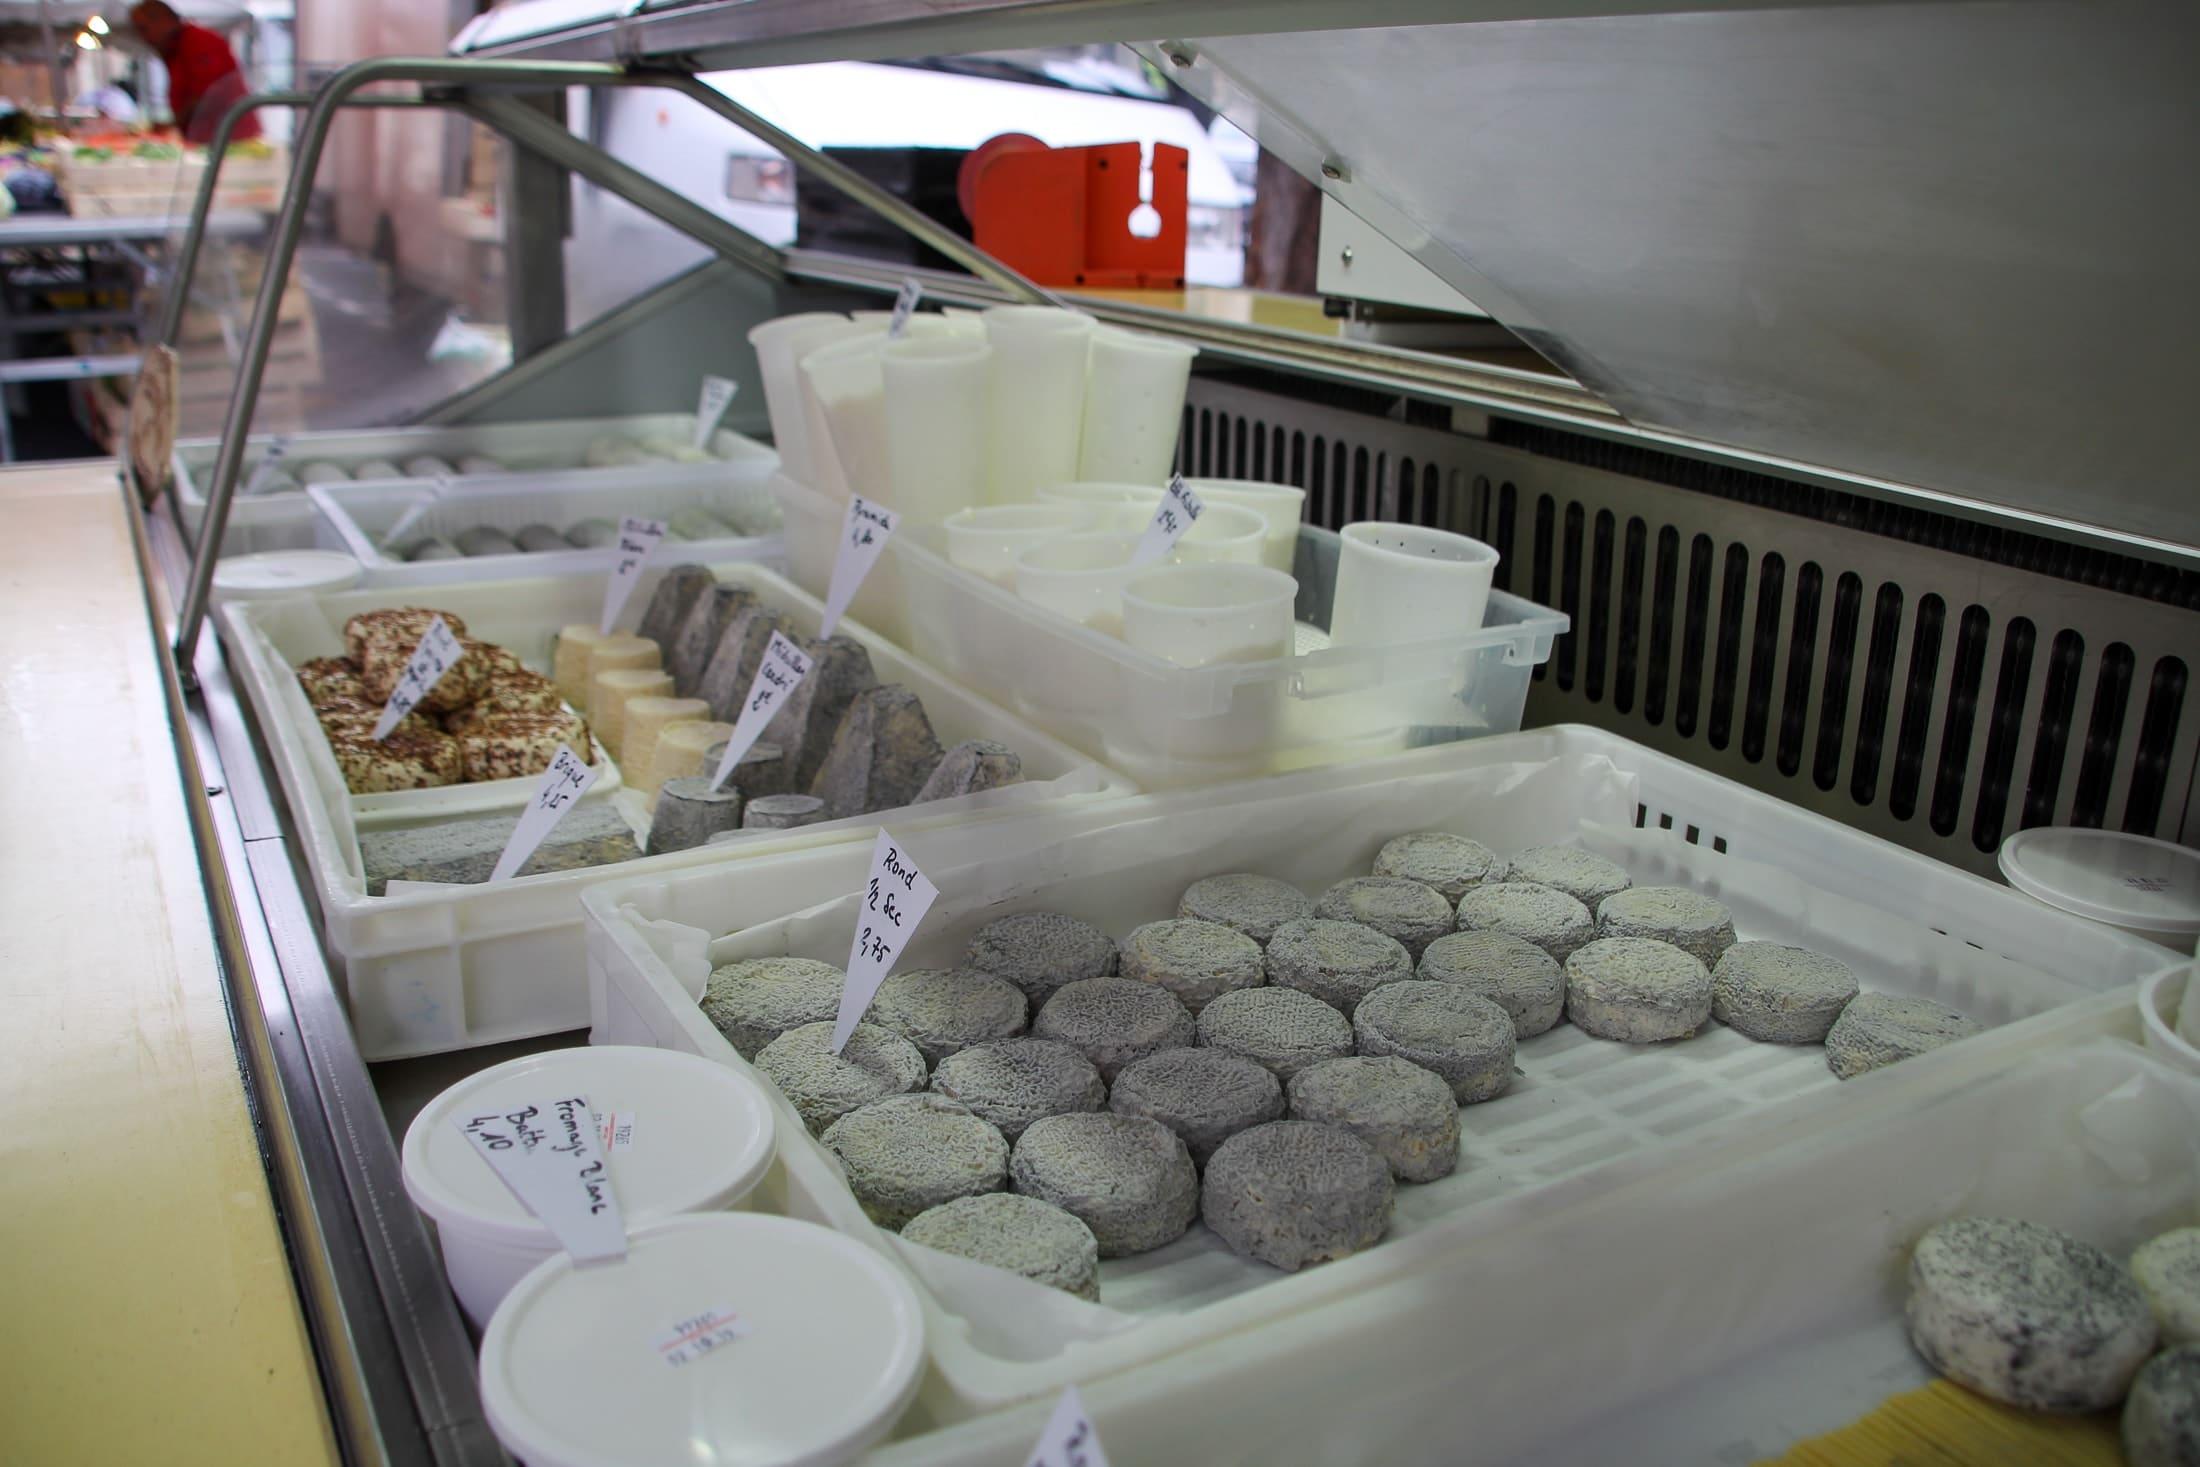 étalage marché fromage chèvre Bléré touraine gastronomie produits locaux terroir producteur fromager eleveur